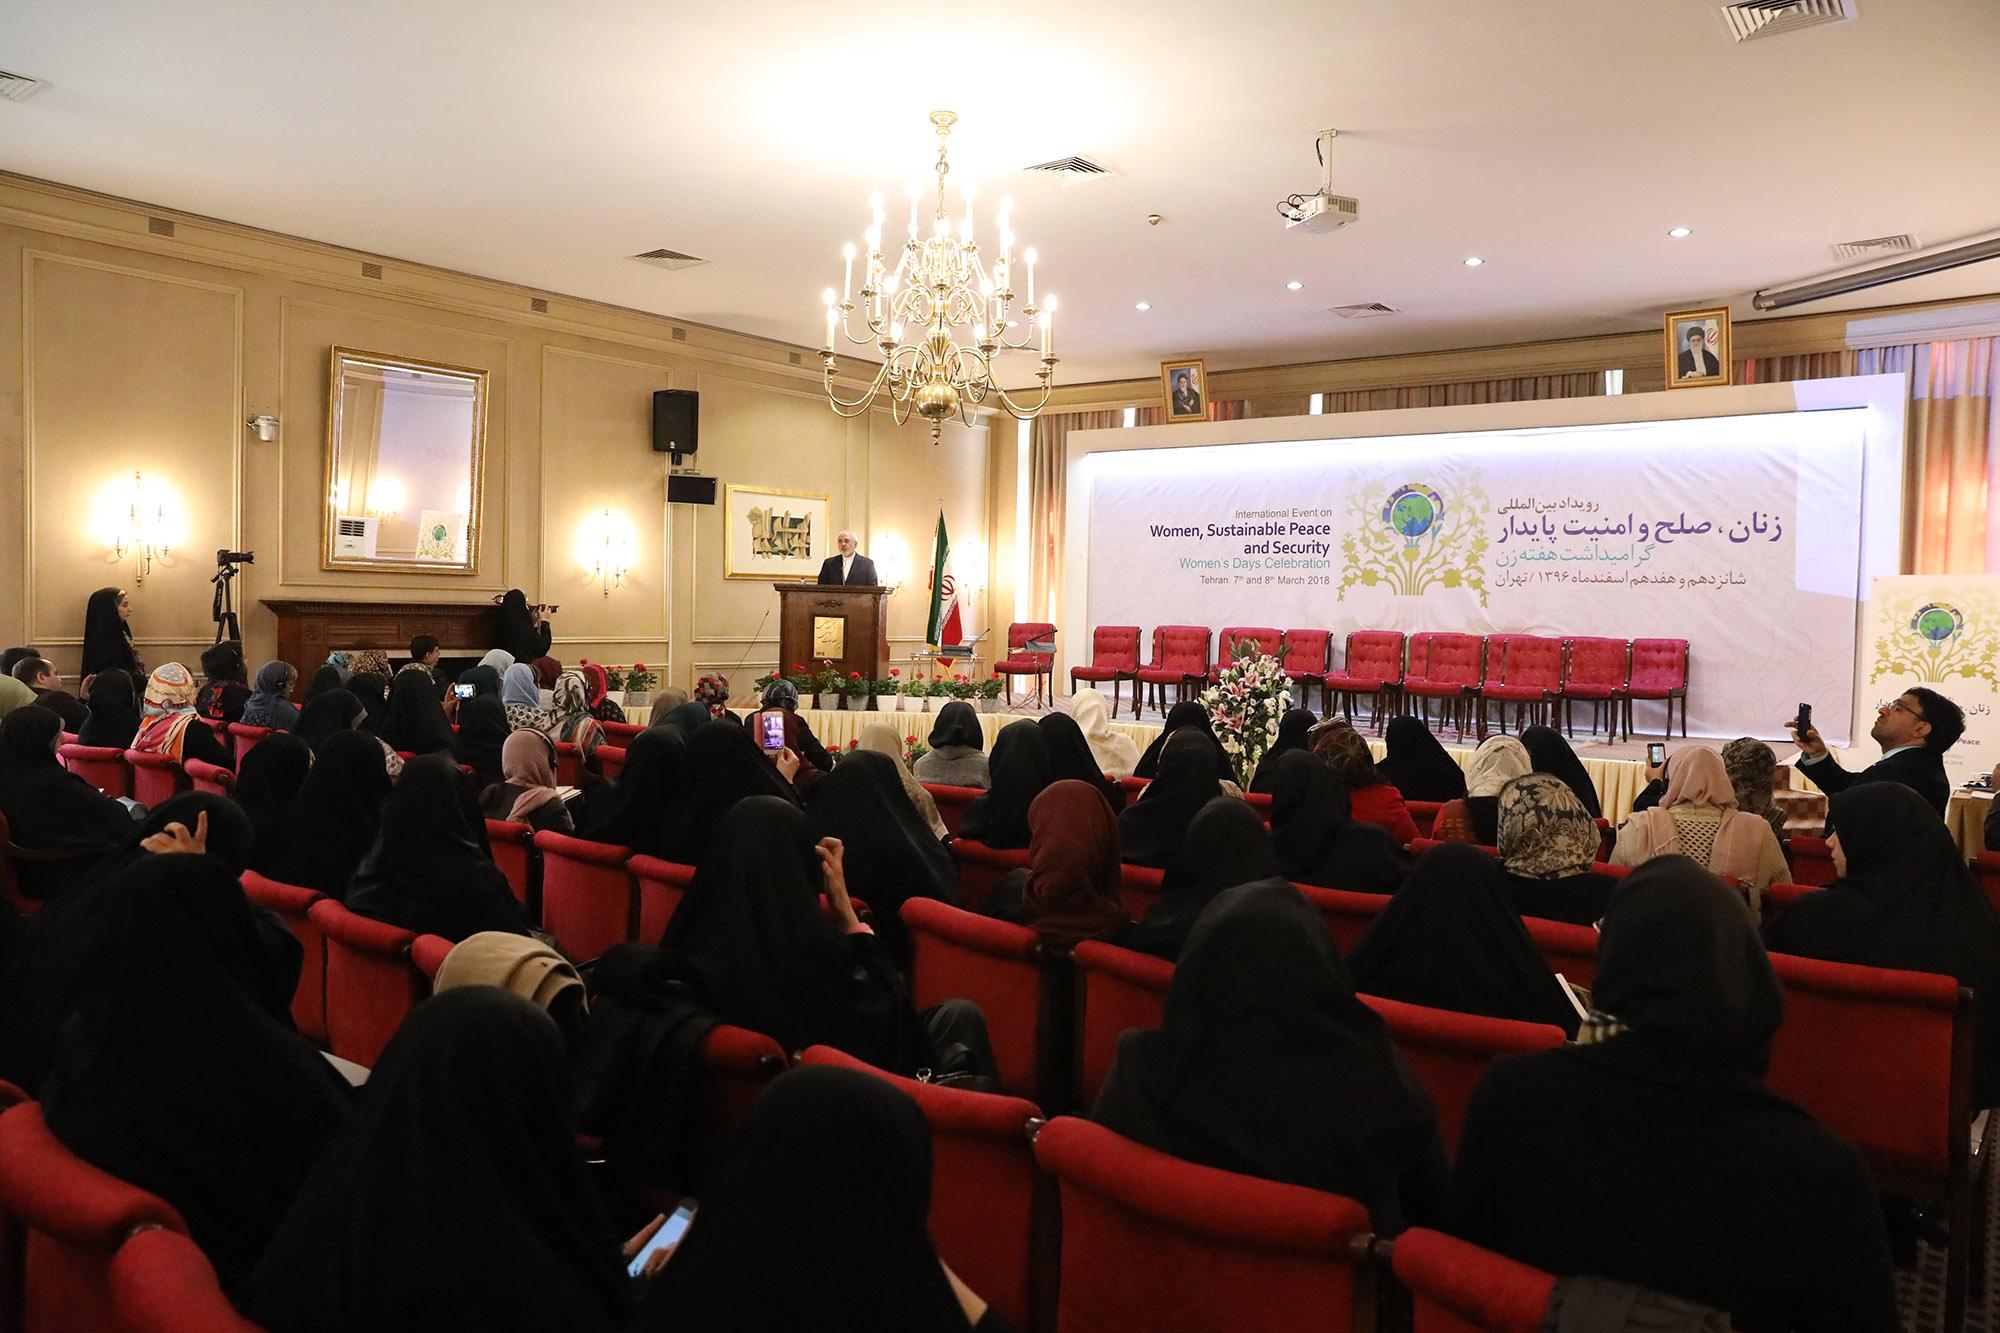 گزارش حامی از رویداد بینالمللی زنان، صلح و امنیت پایدار